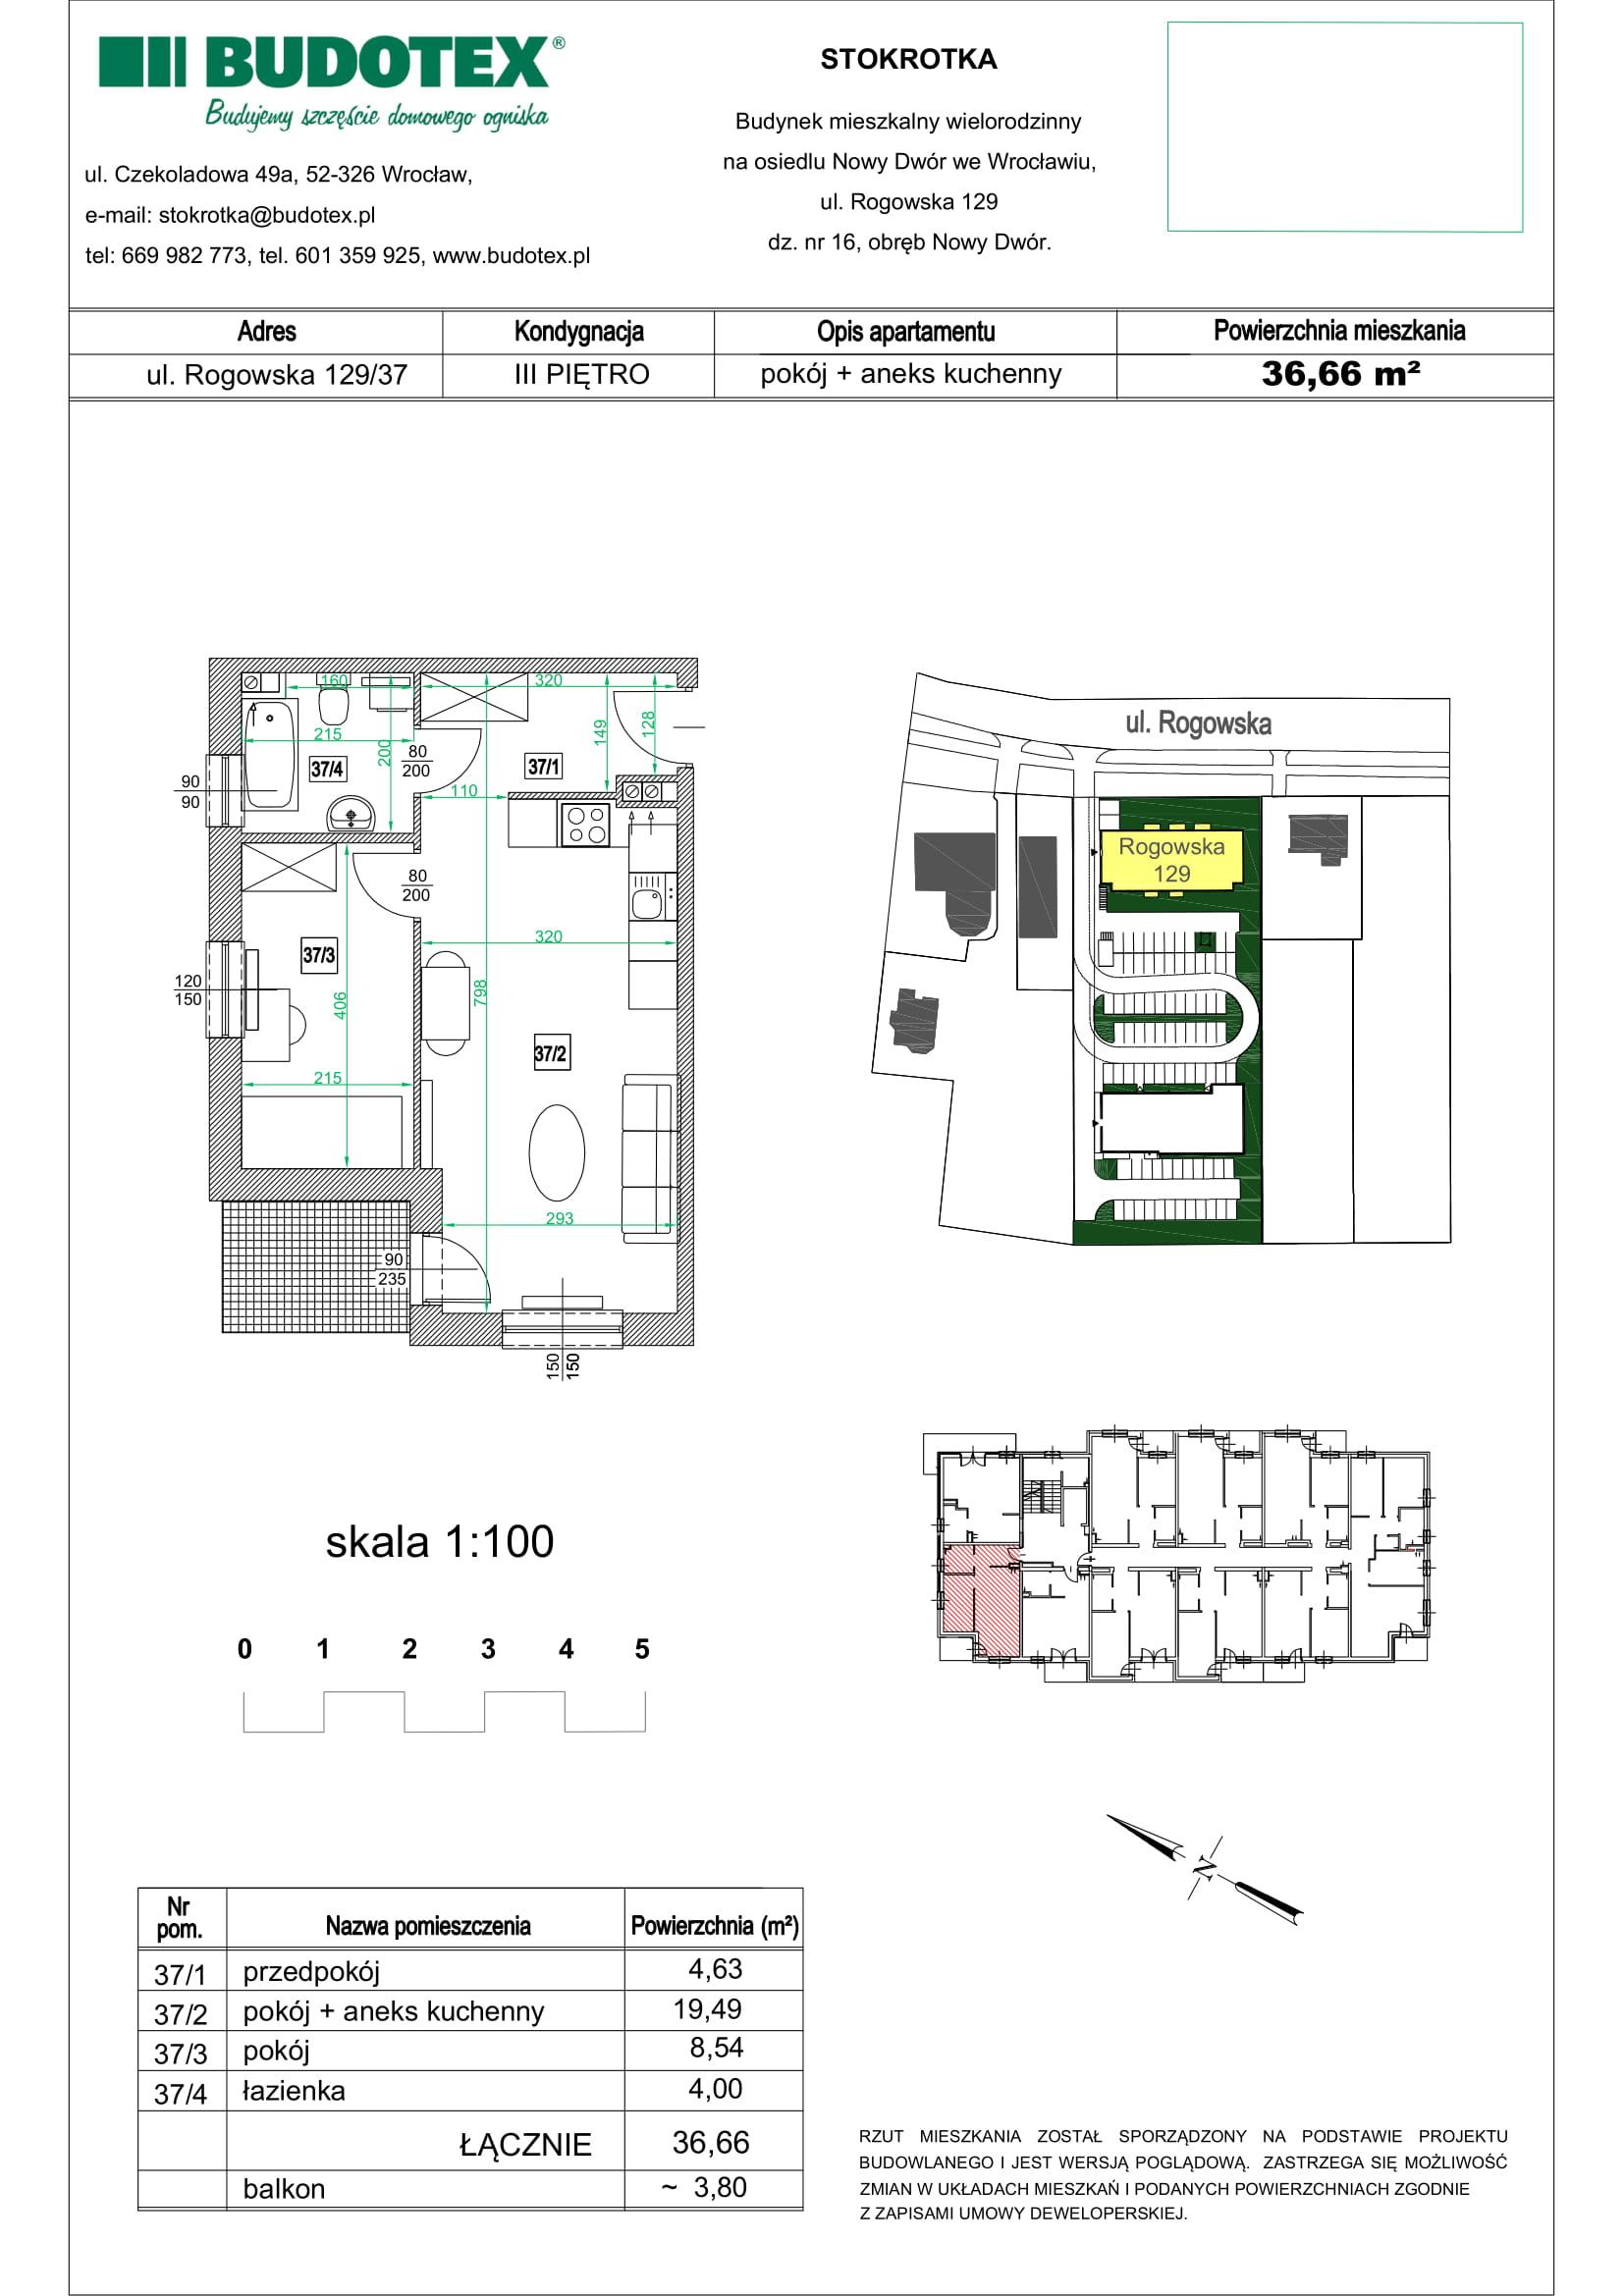 Mieszkanie nr 37